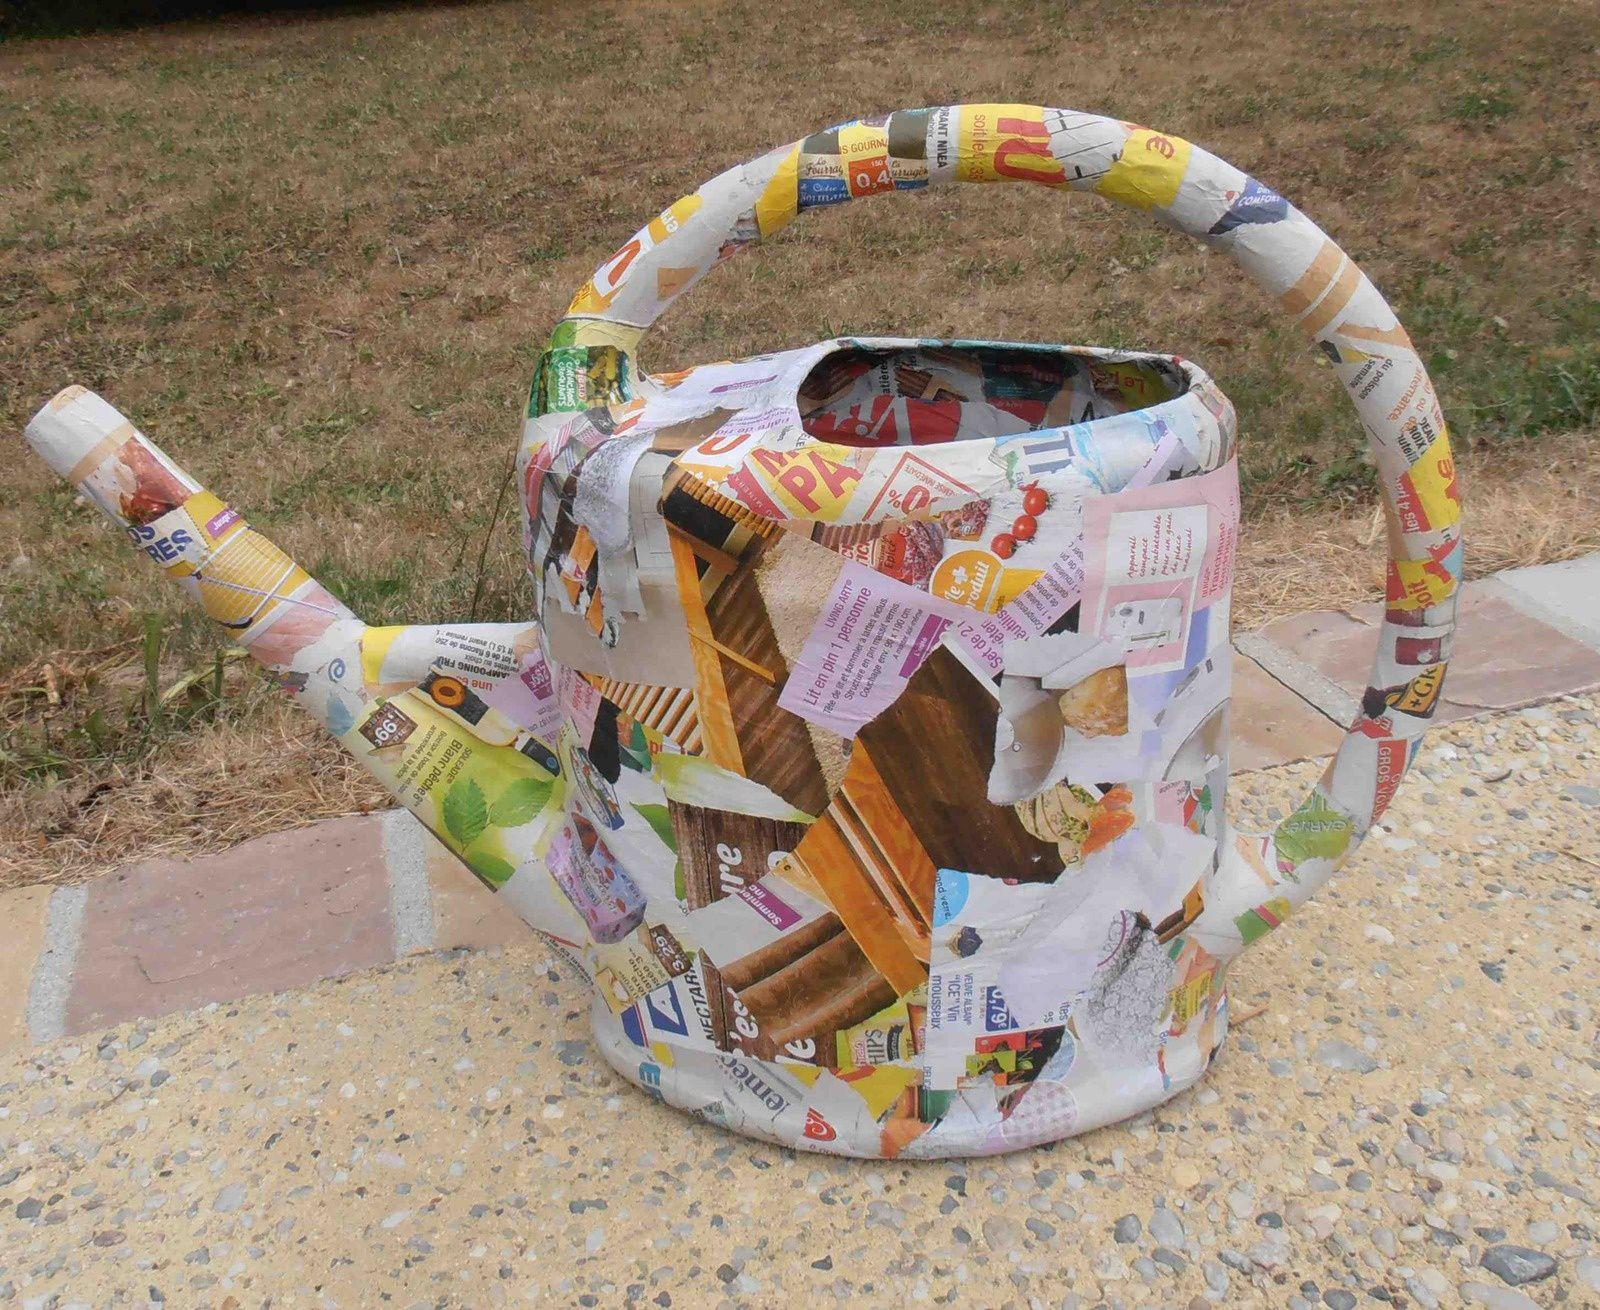 Tuto : Recycler et décorer  un arrosoir en plastique gratuitement ou presque